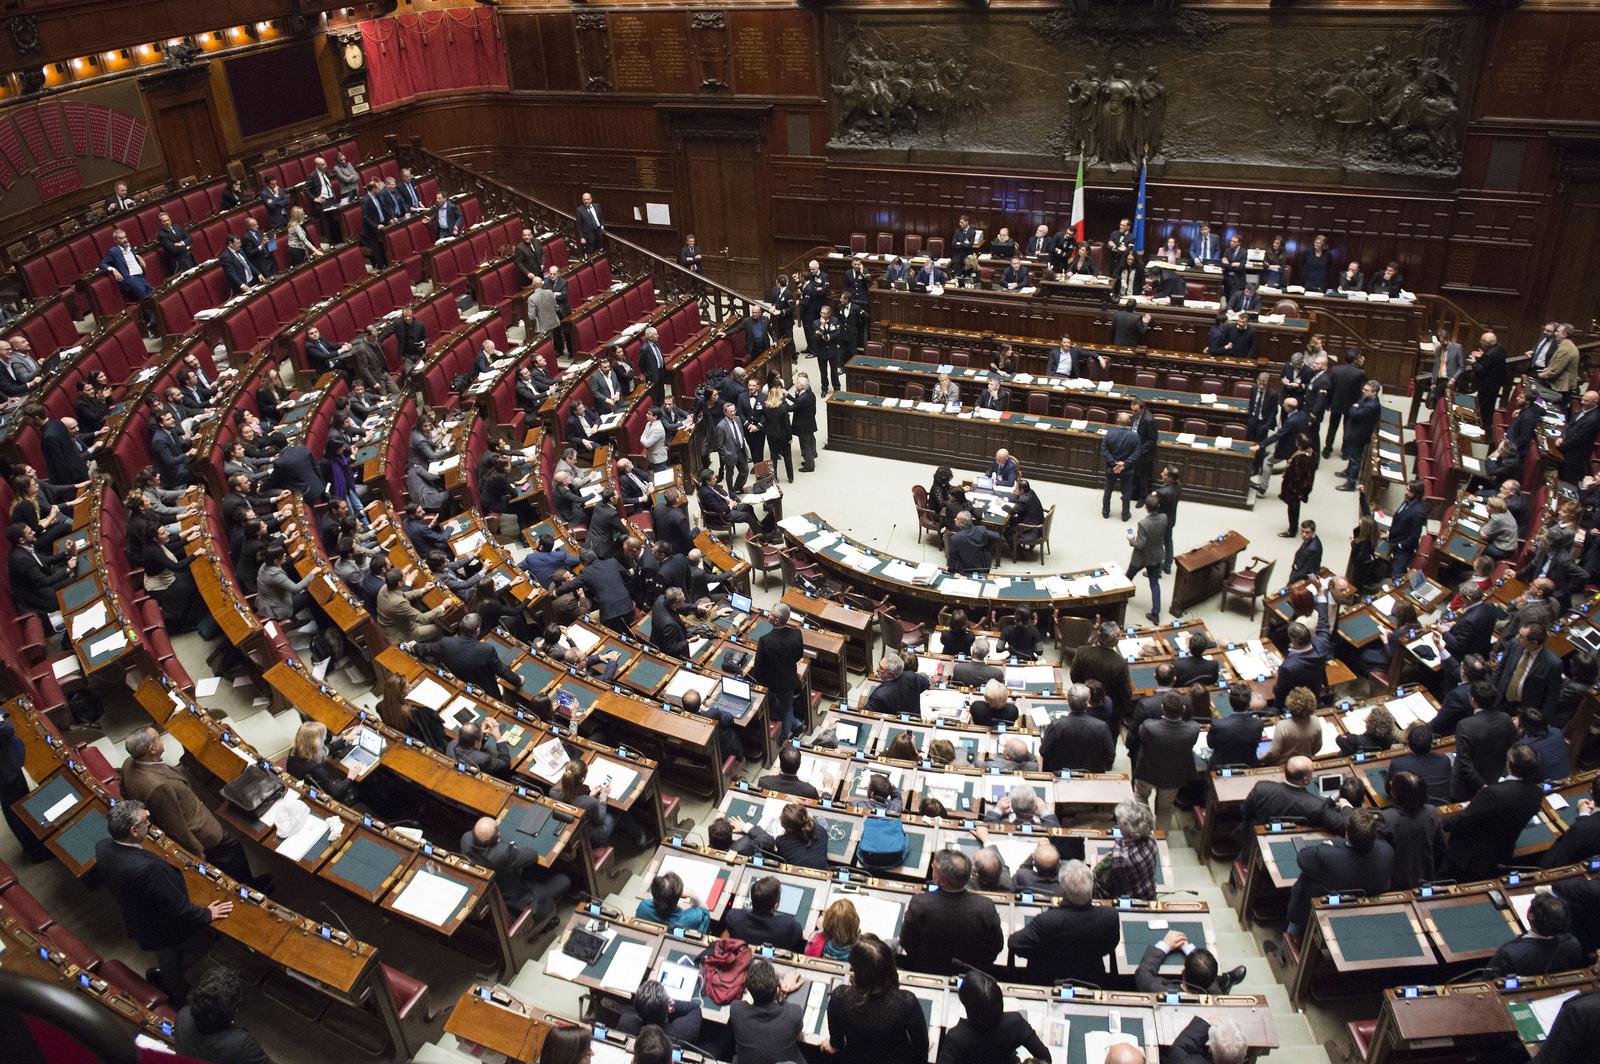 Il Parlamento italiano, organo osservato da Open Polis